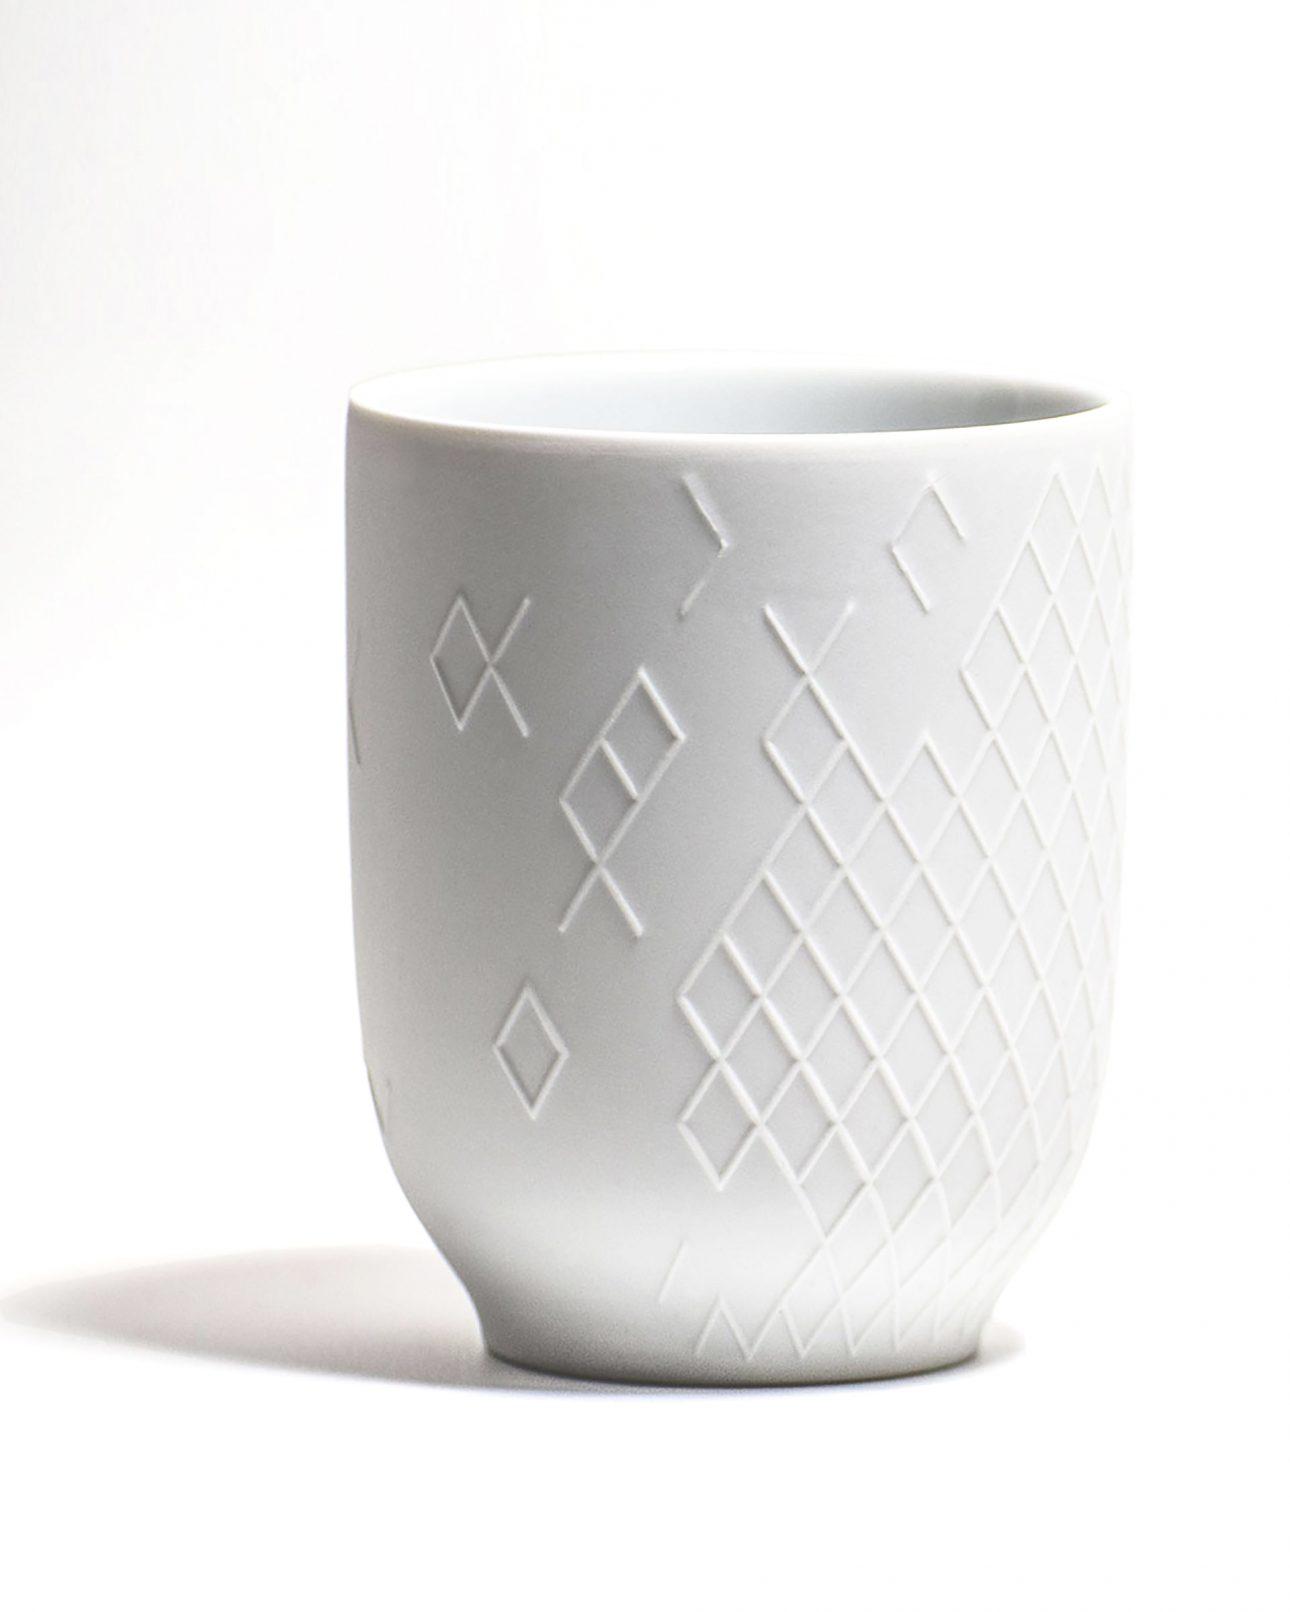 Berker Cup. Entwurf von JOI-Design.